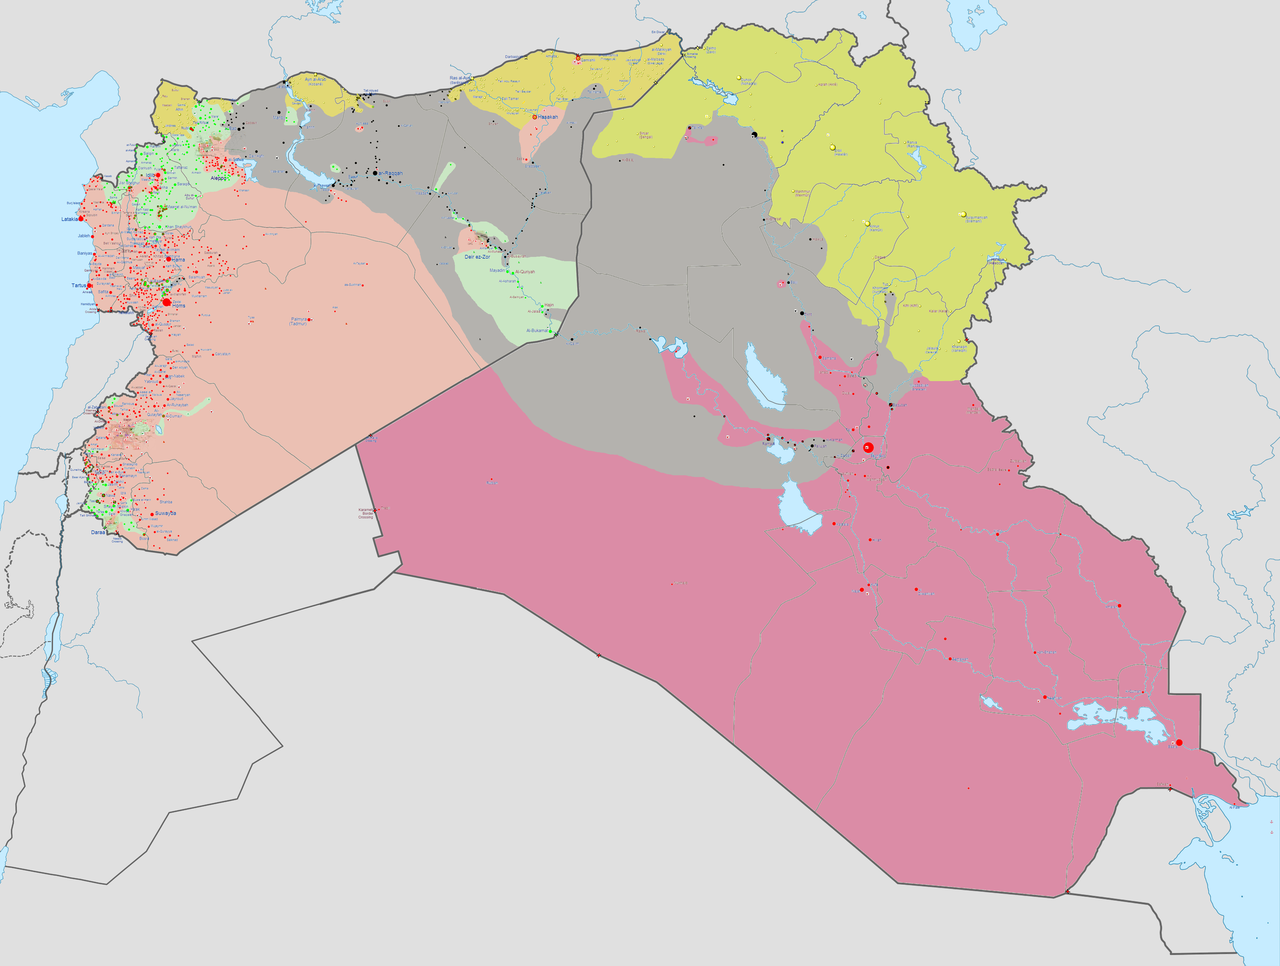 Syrien Karte Krieg.Landkartenblog Landkarte Des Machtgebiets Der Isis Rebellen In